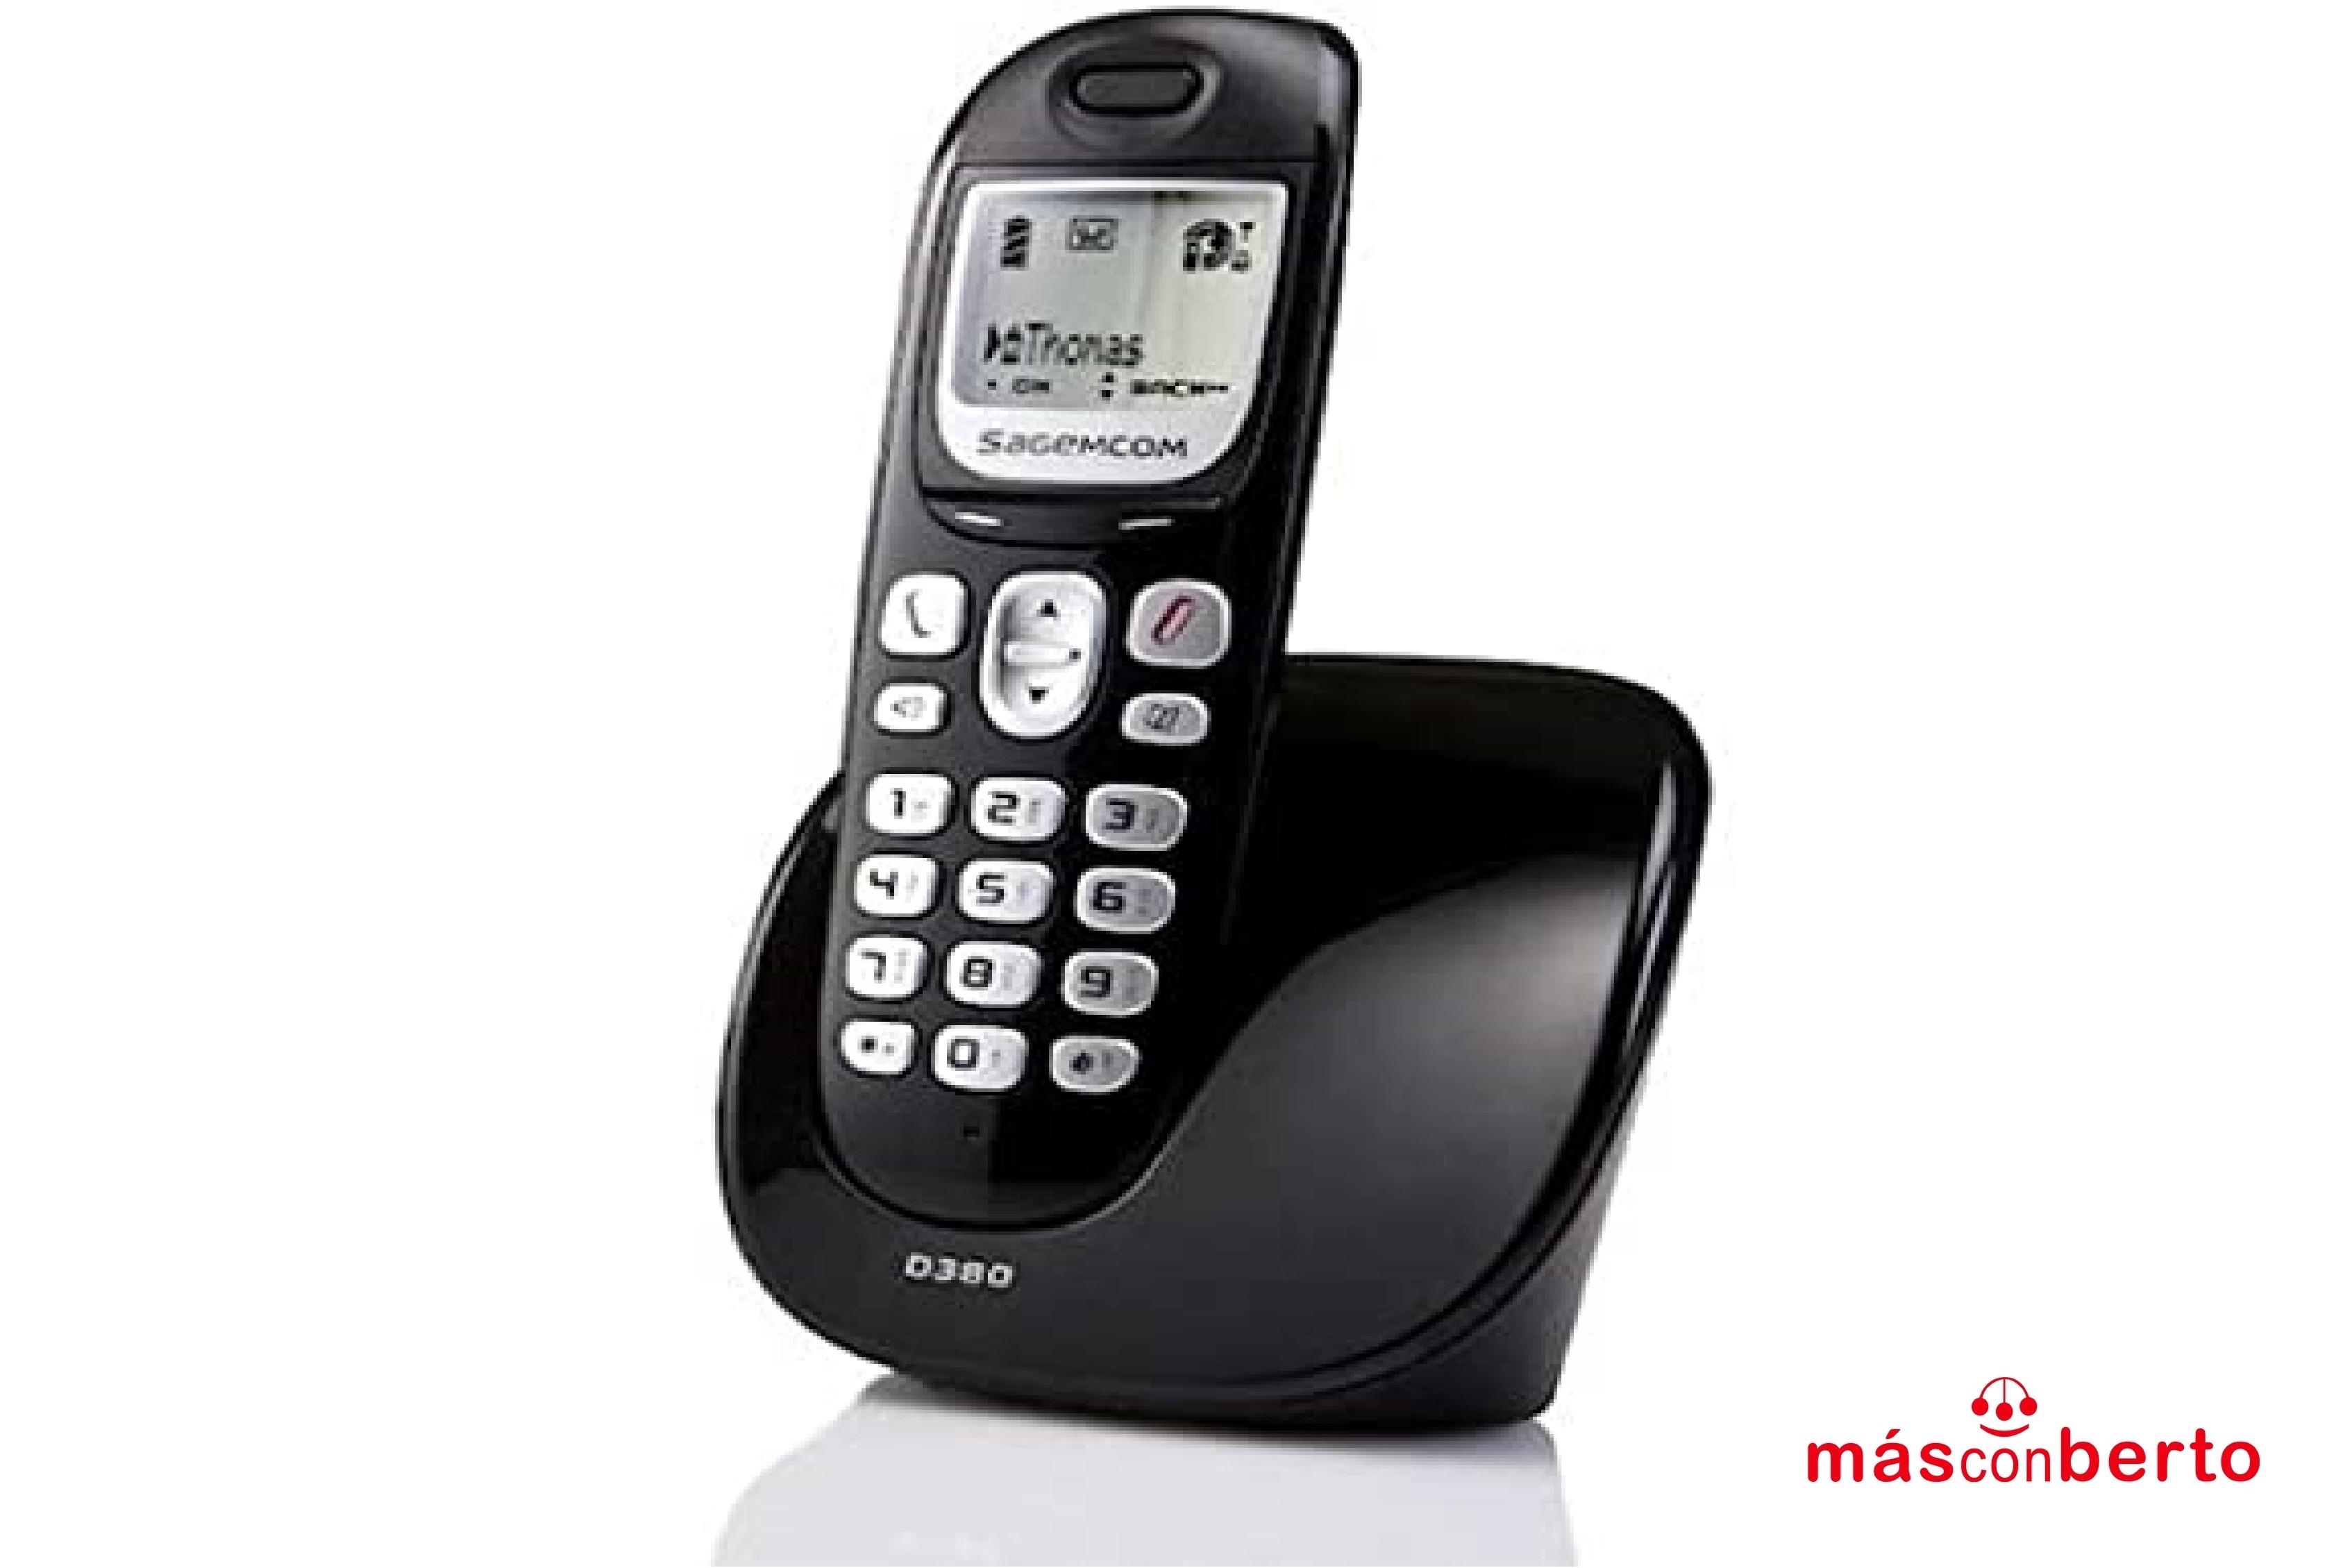 Teléfono Fijo Sagemcom D380...